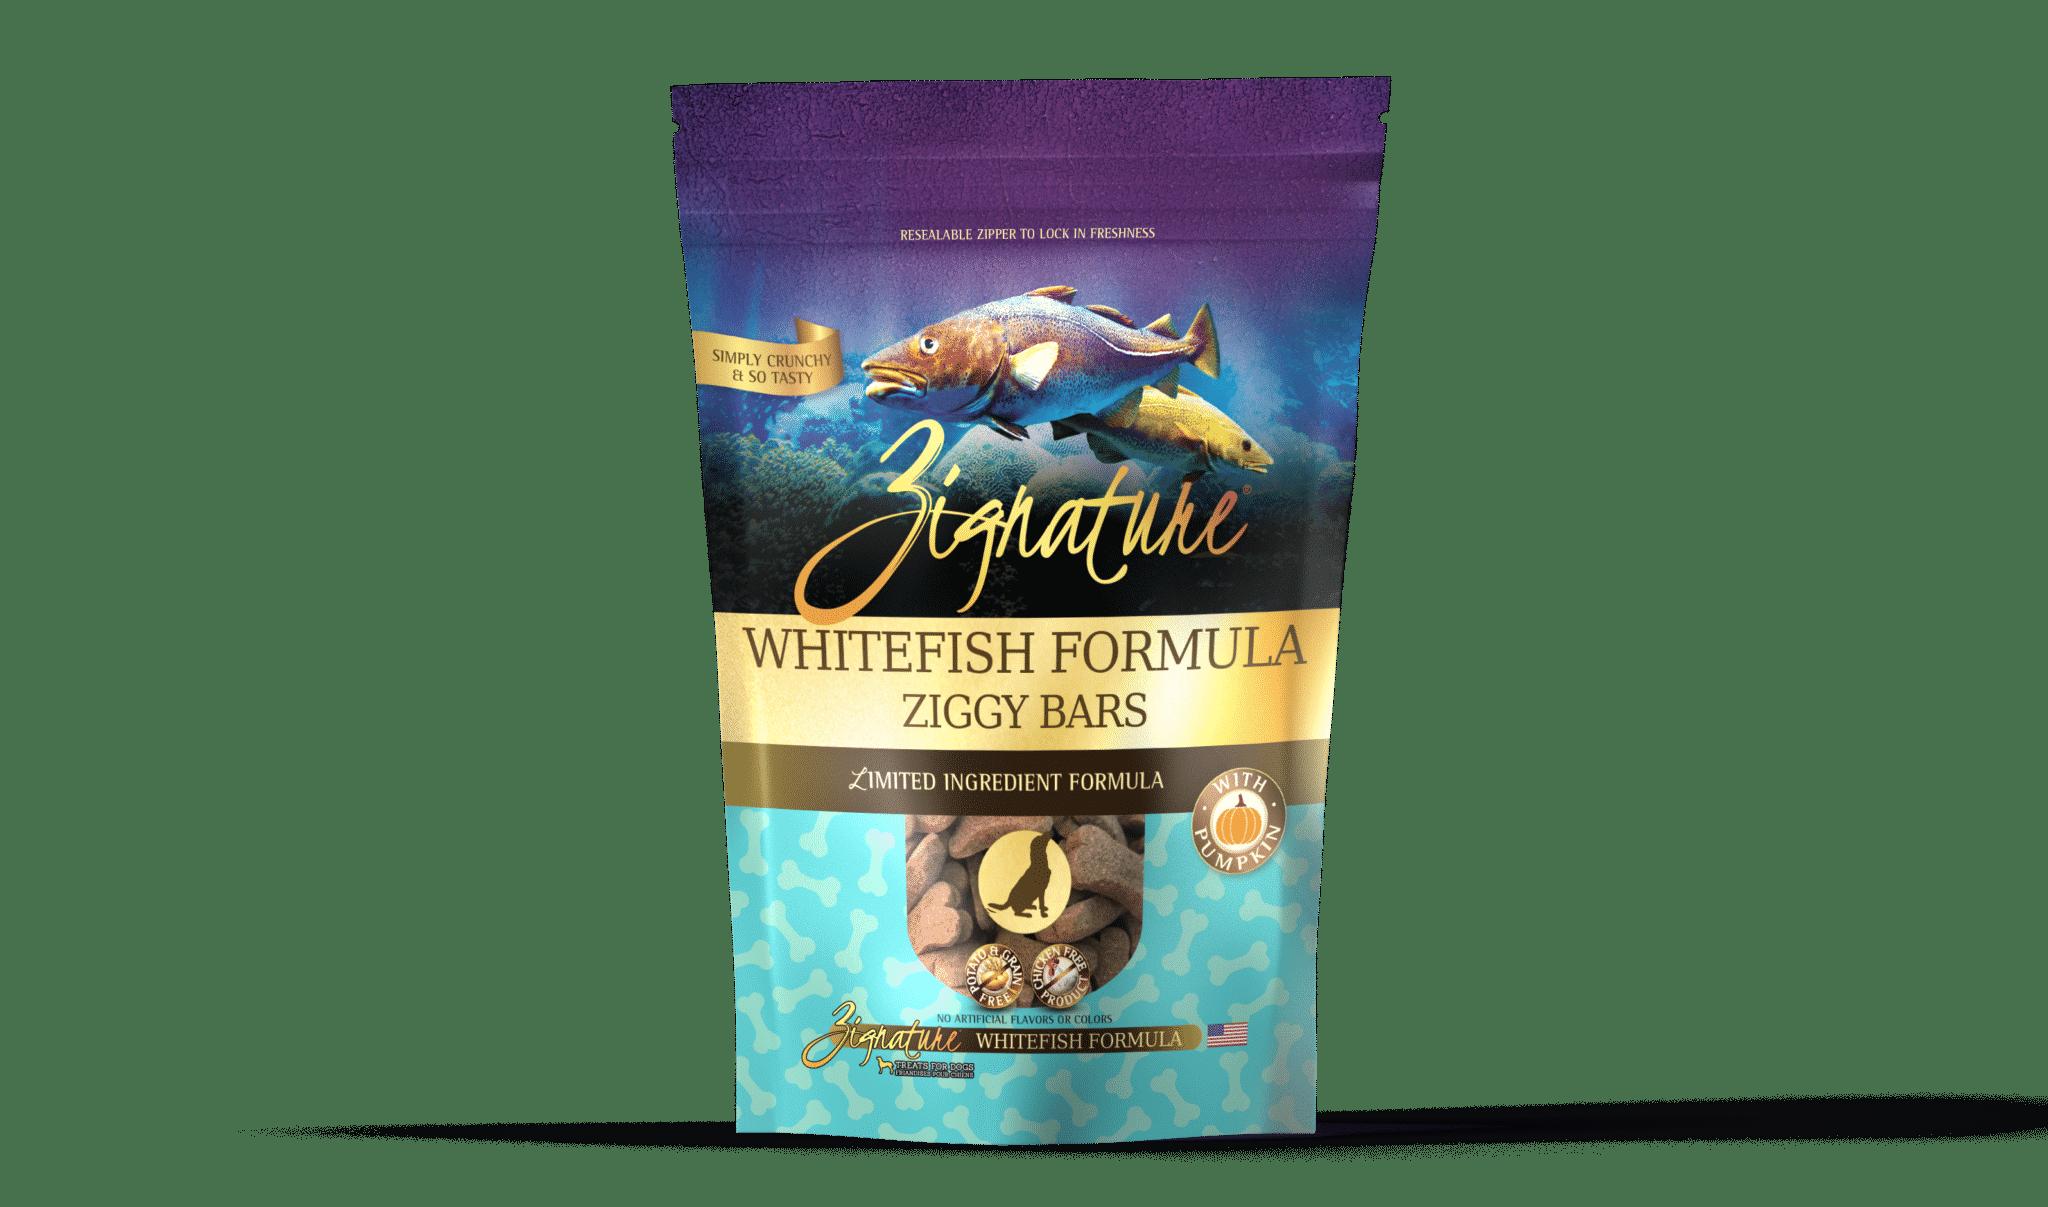 Zignature Zignature Ziggy Bars Whitefish Formula 12oz Product Image